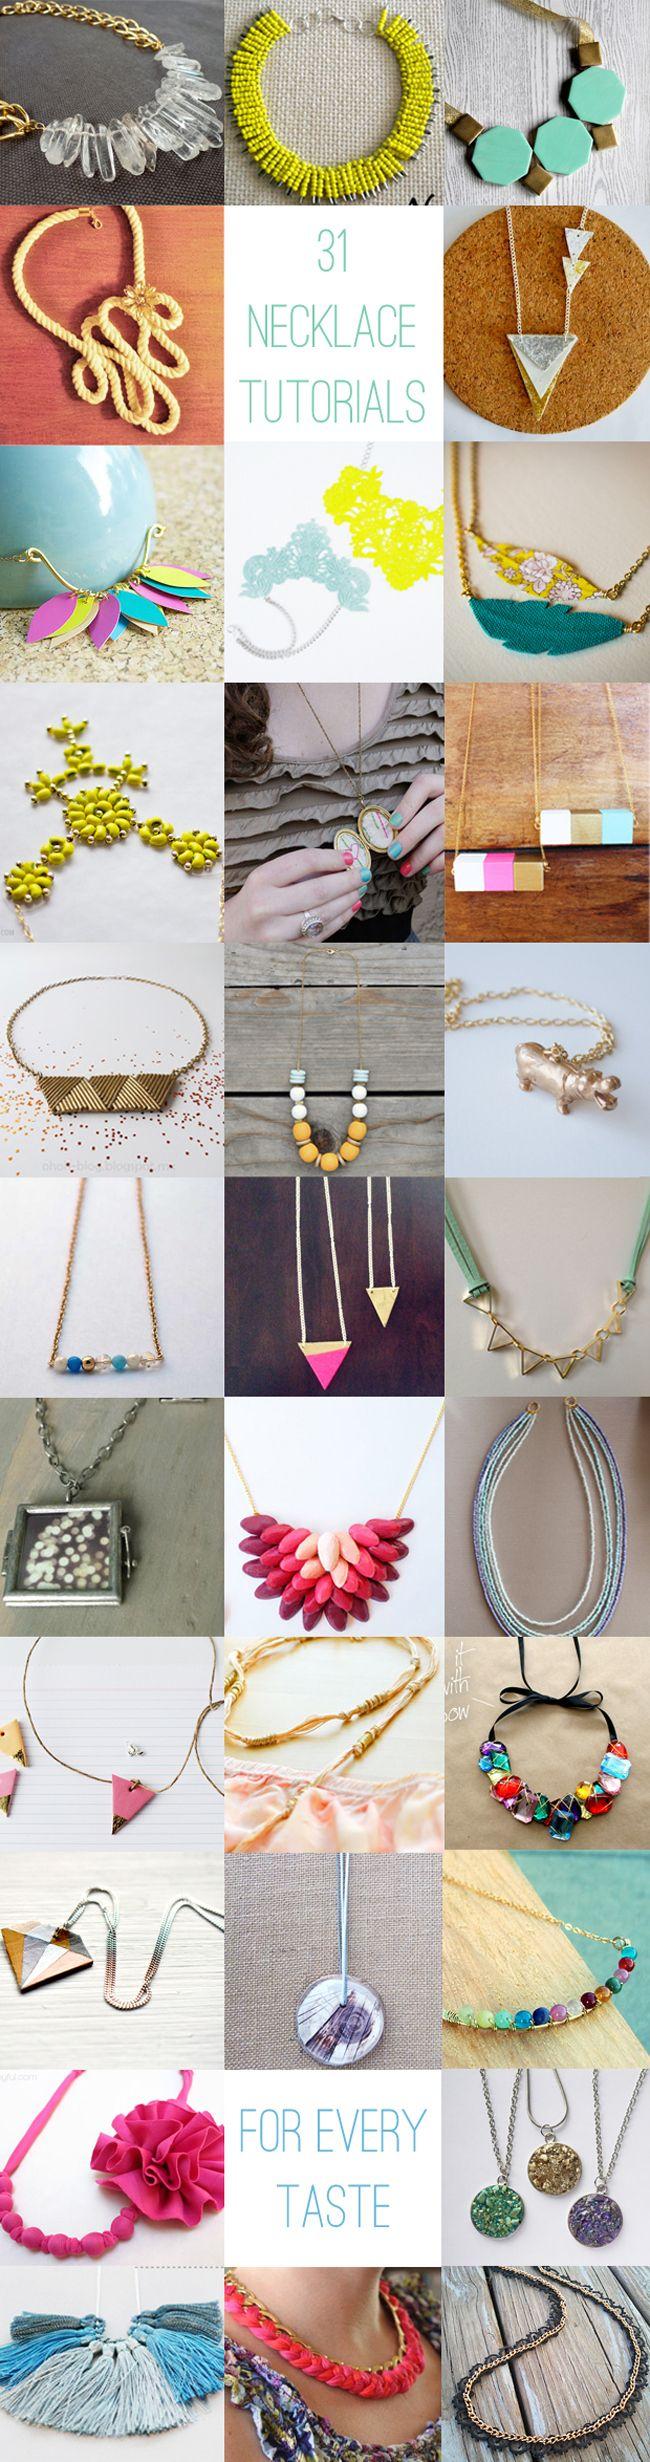 31 DIY Necklace Tutorials   HelloNatural.co